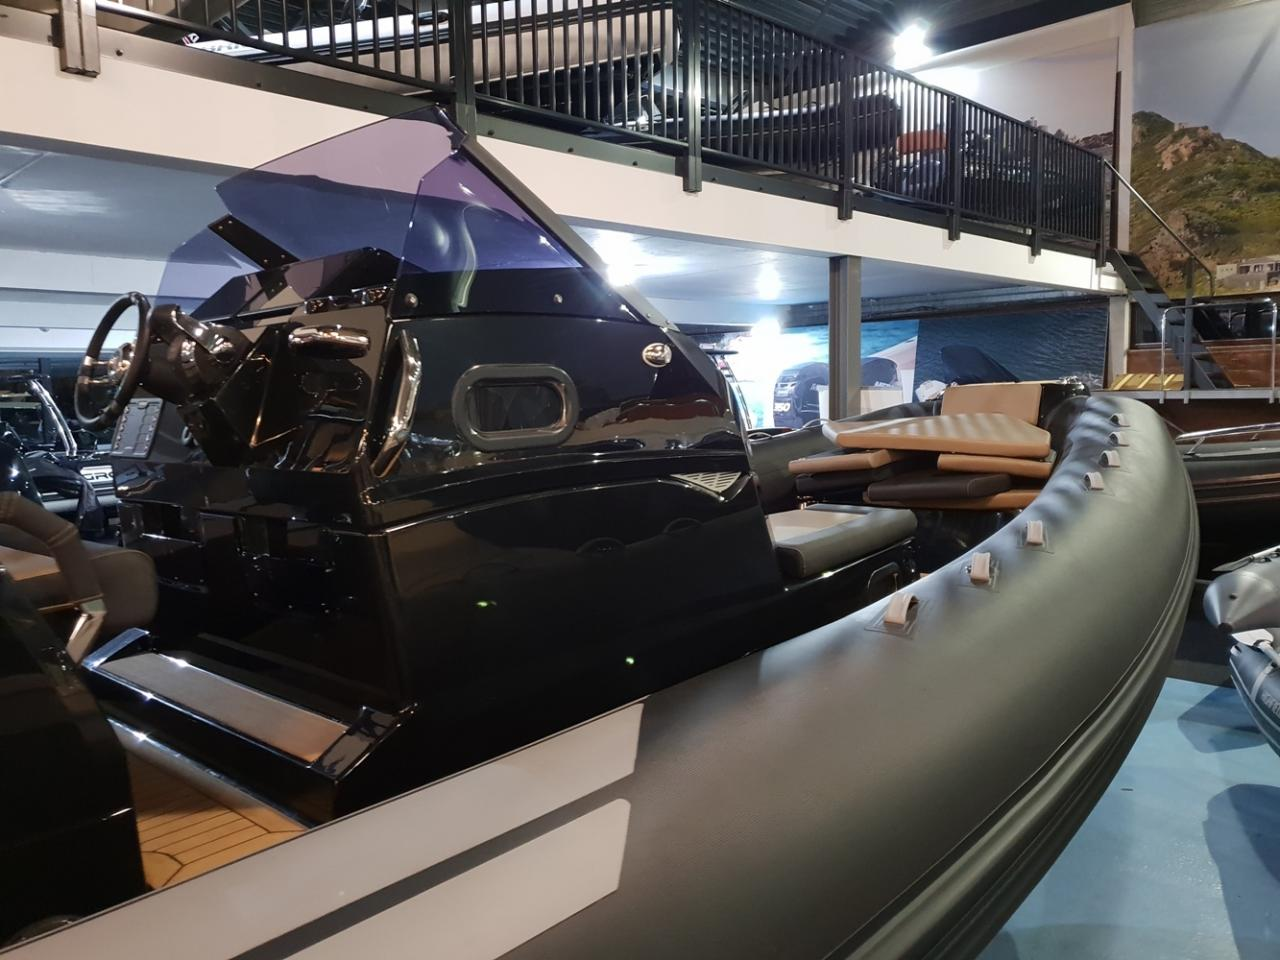 Brig Eagle 10 met 2 x Mercury Verado 400 pk! 8